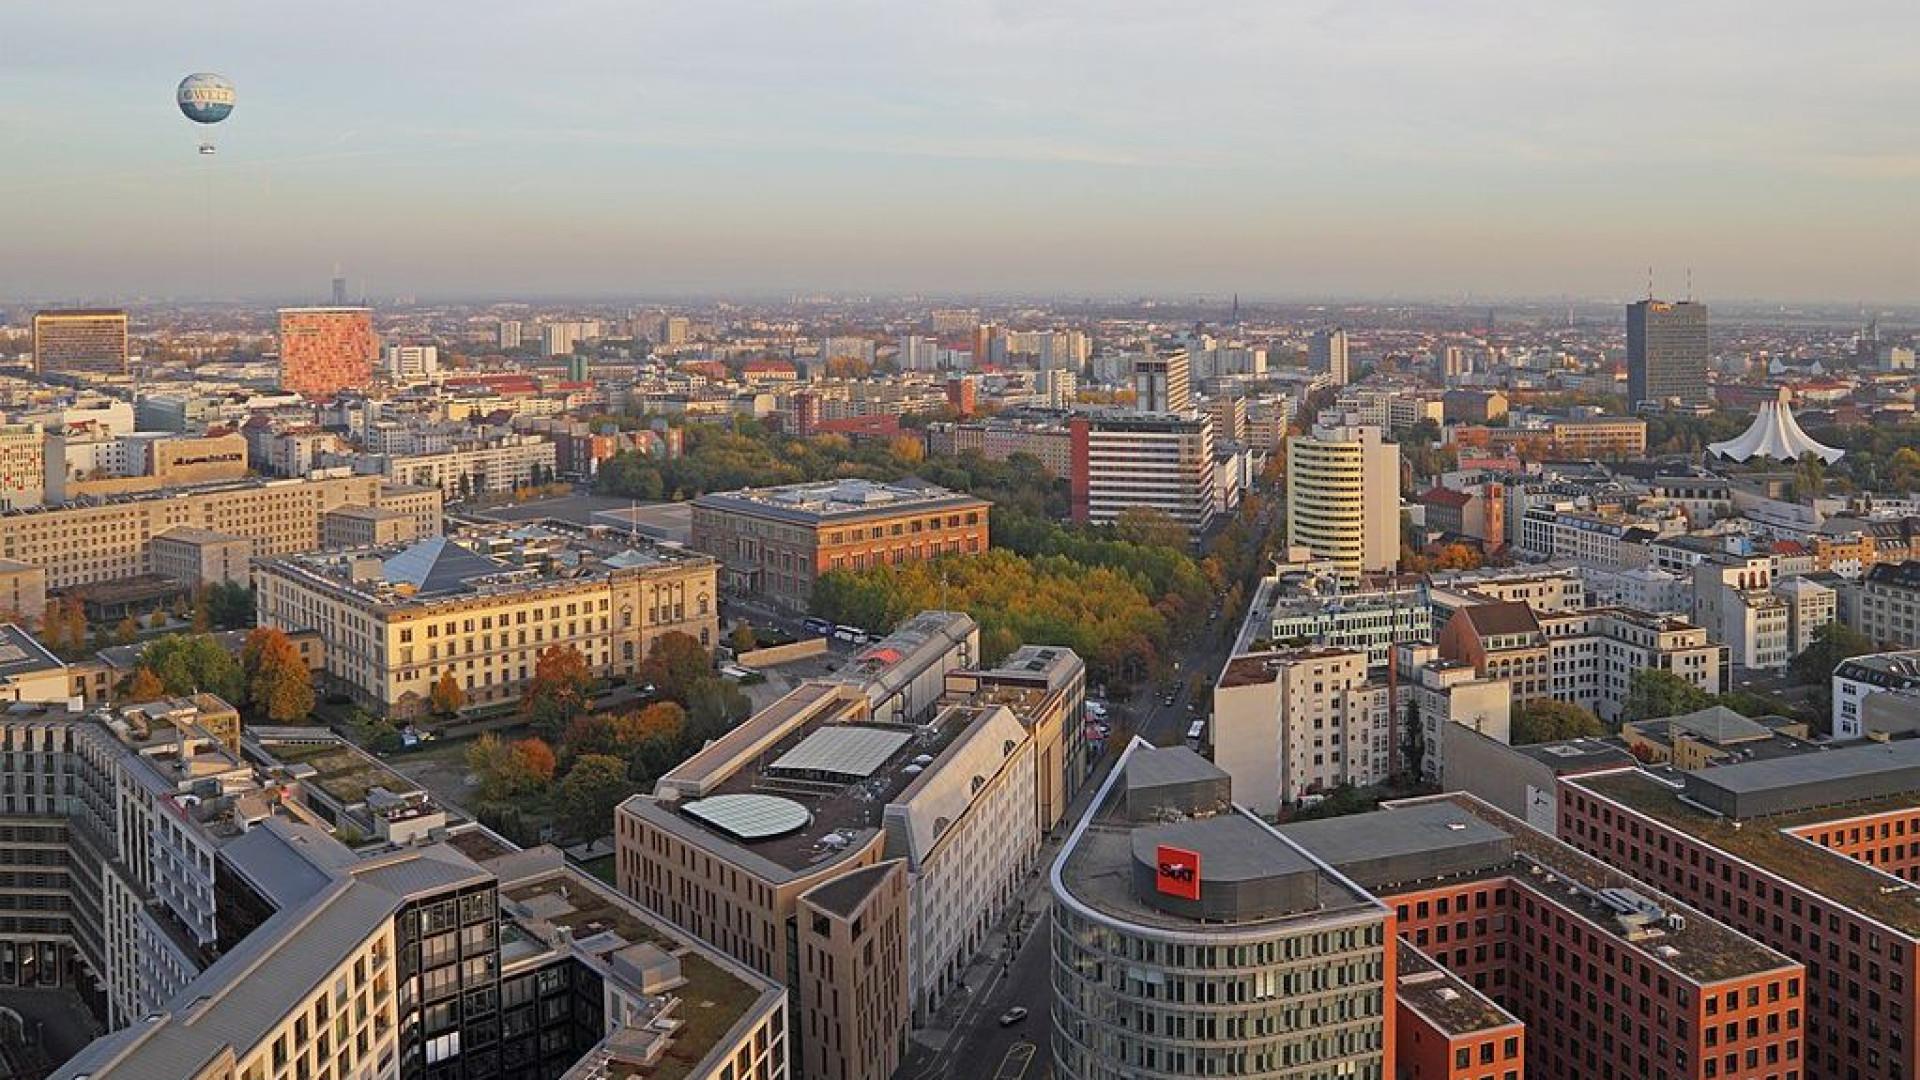 Desativação de bomba da II Guerra Mundial isola centro de Berlim